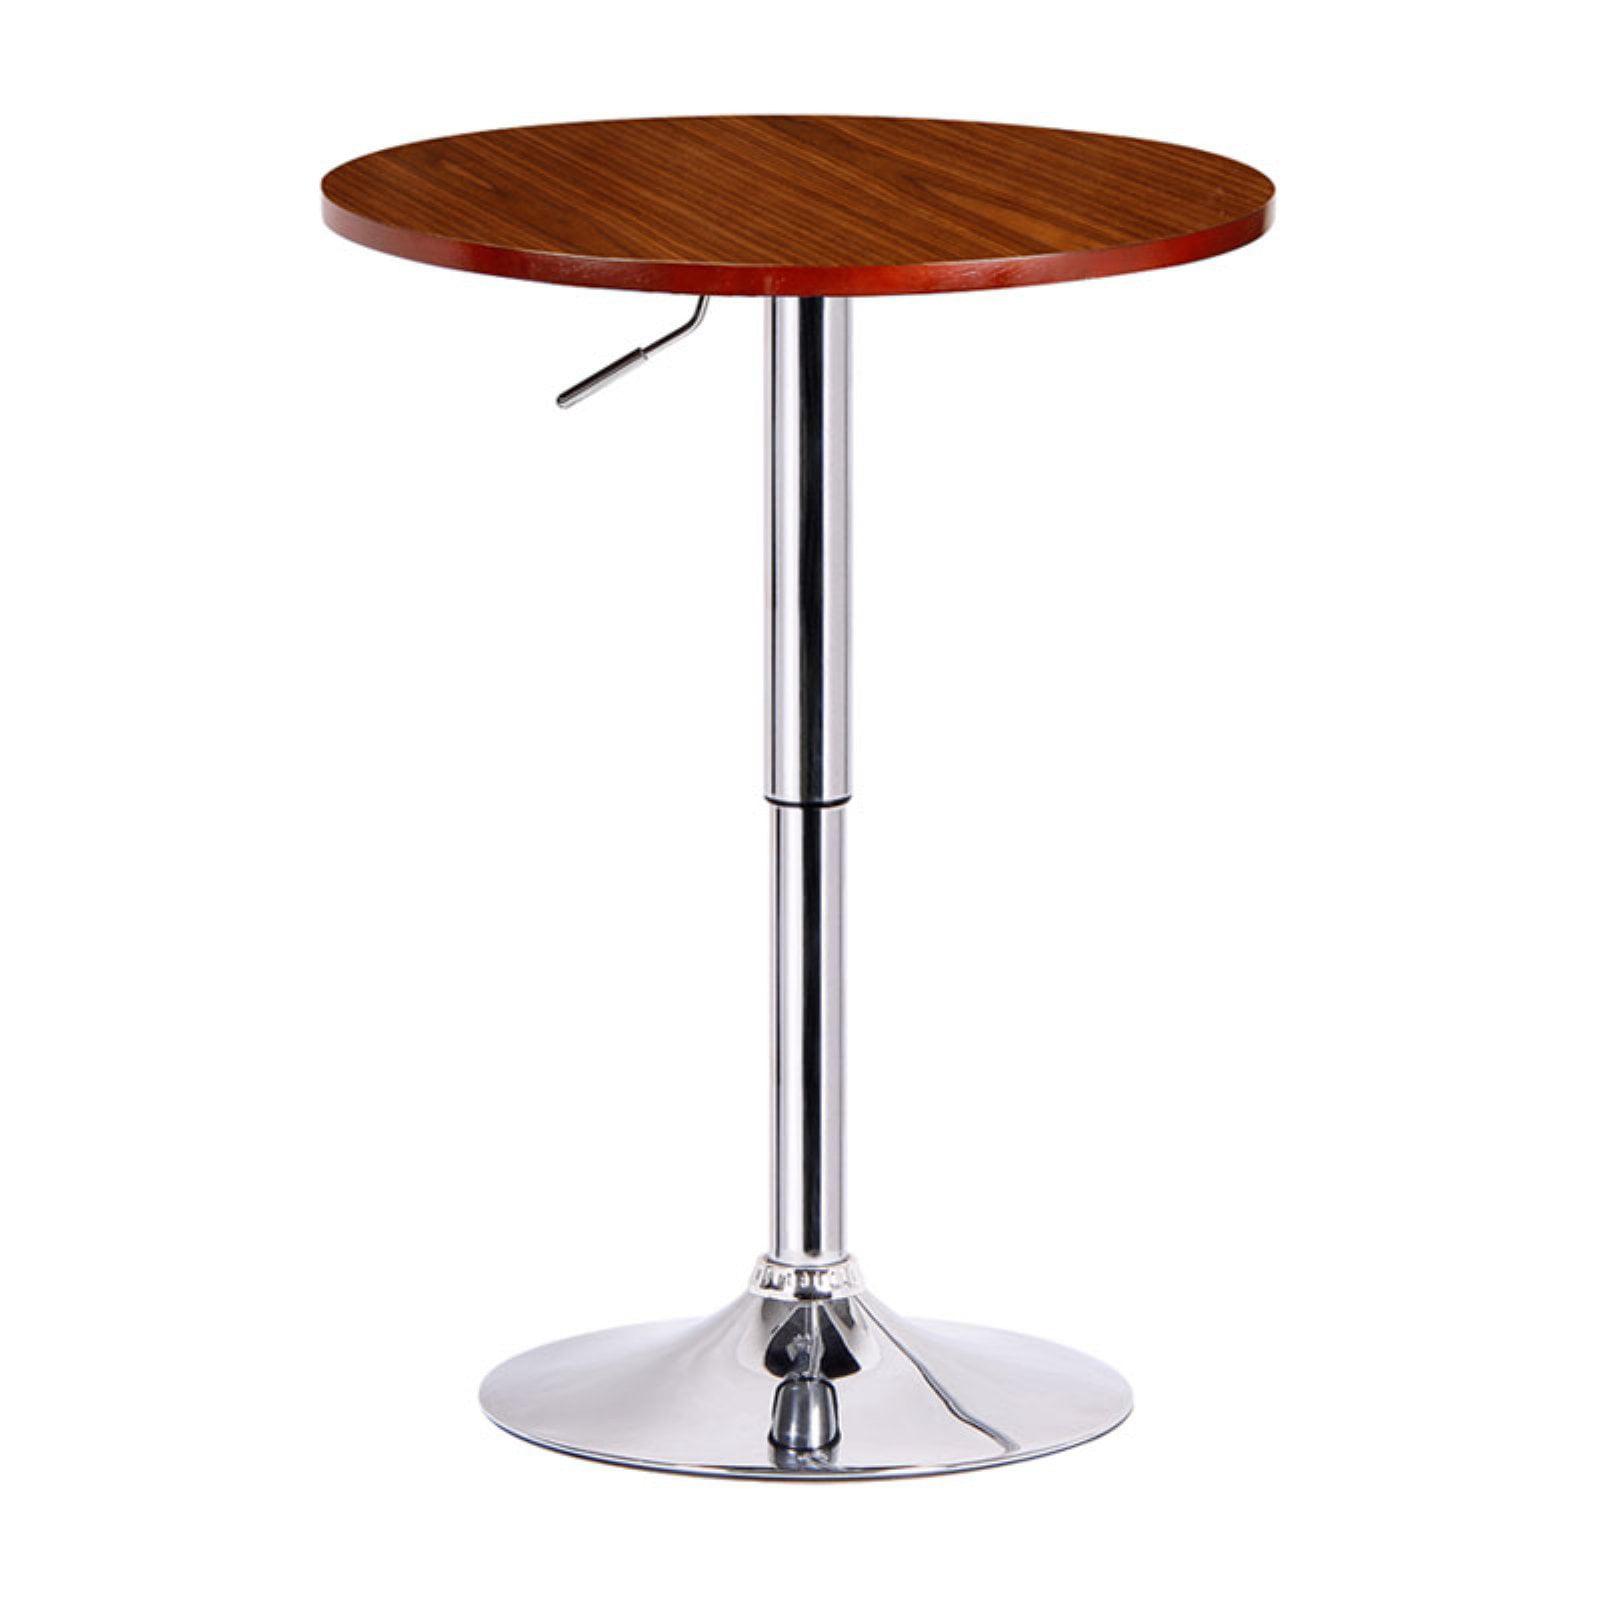 Boraam Runda Adjustable Round TopWood Finish with Metal Stand Pub Table by Boraam